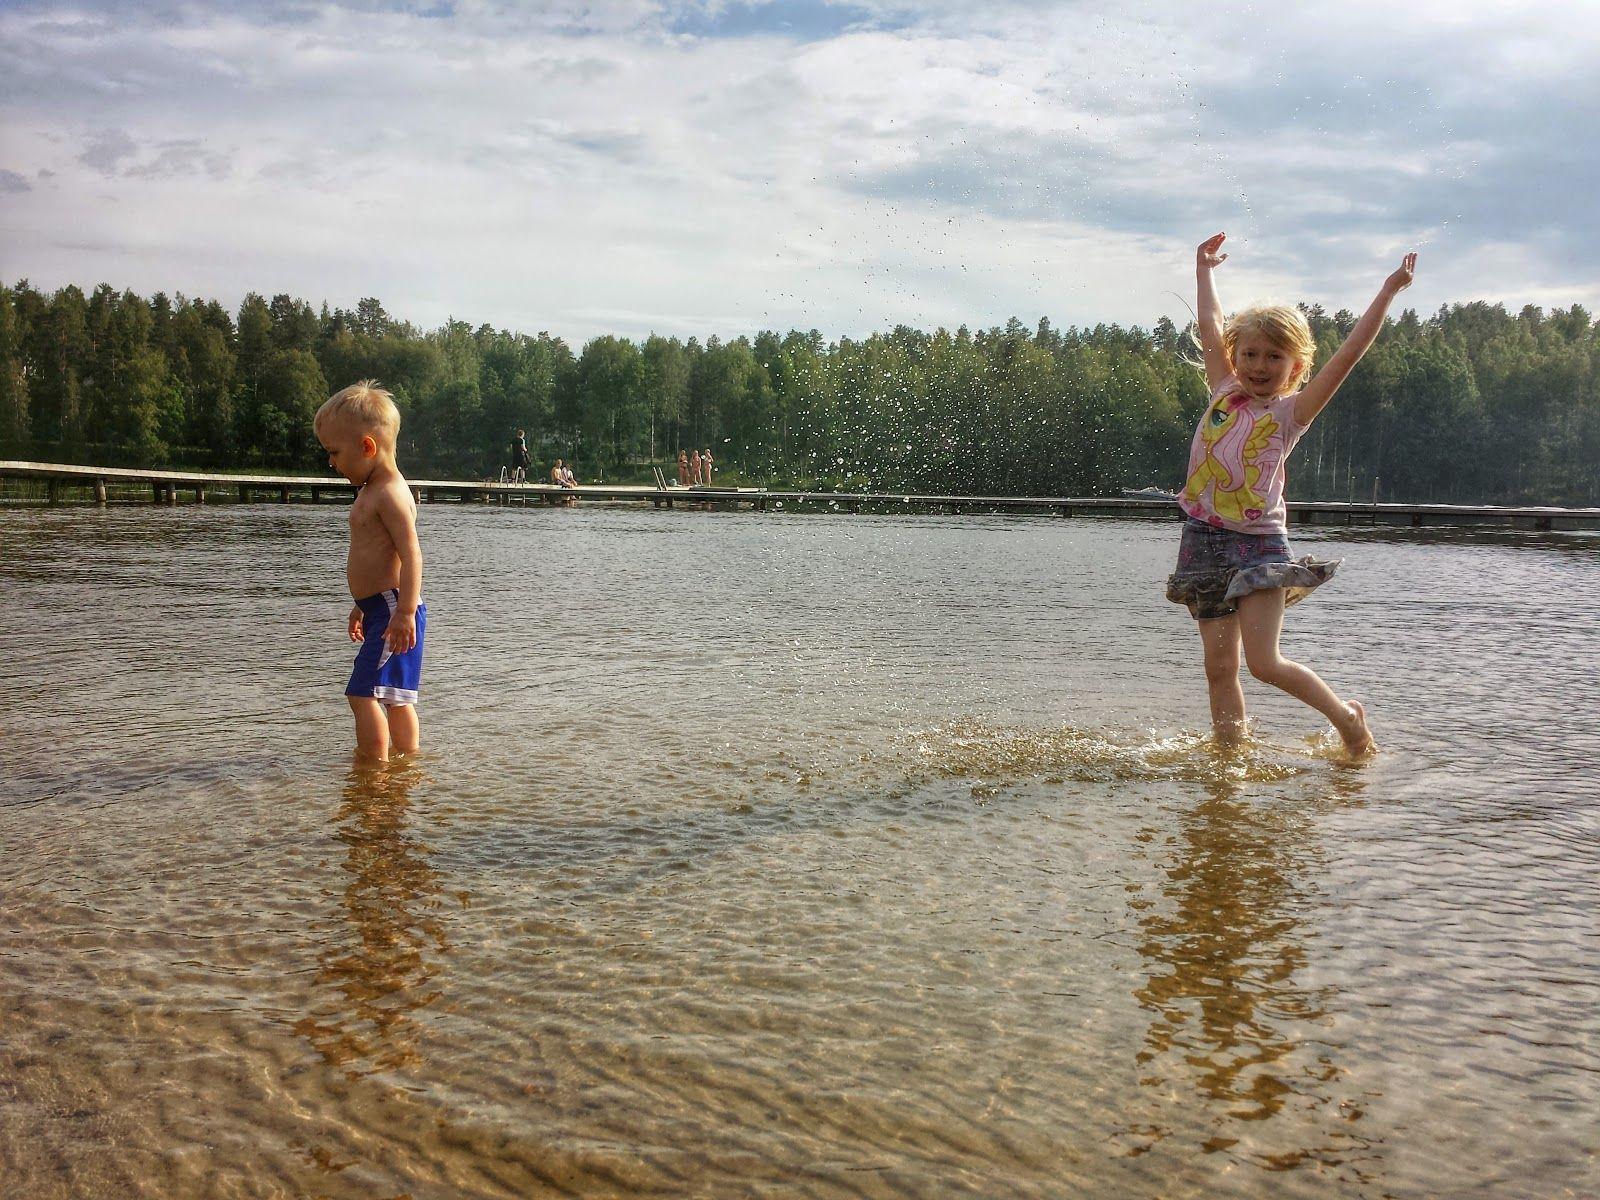 Piparkakkutalon Akka: Keski-Suomen reissu